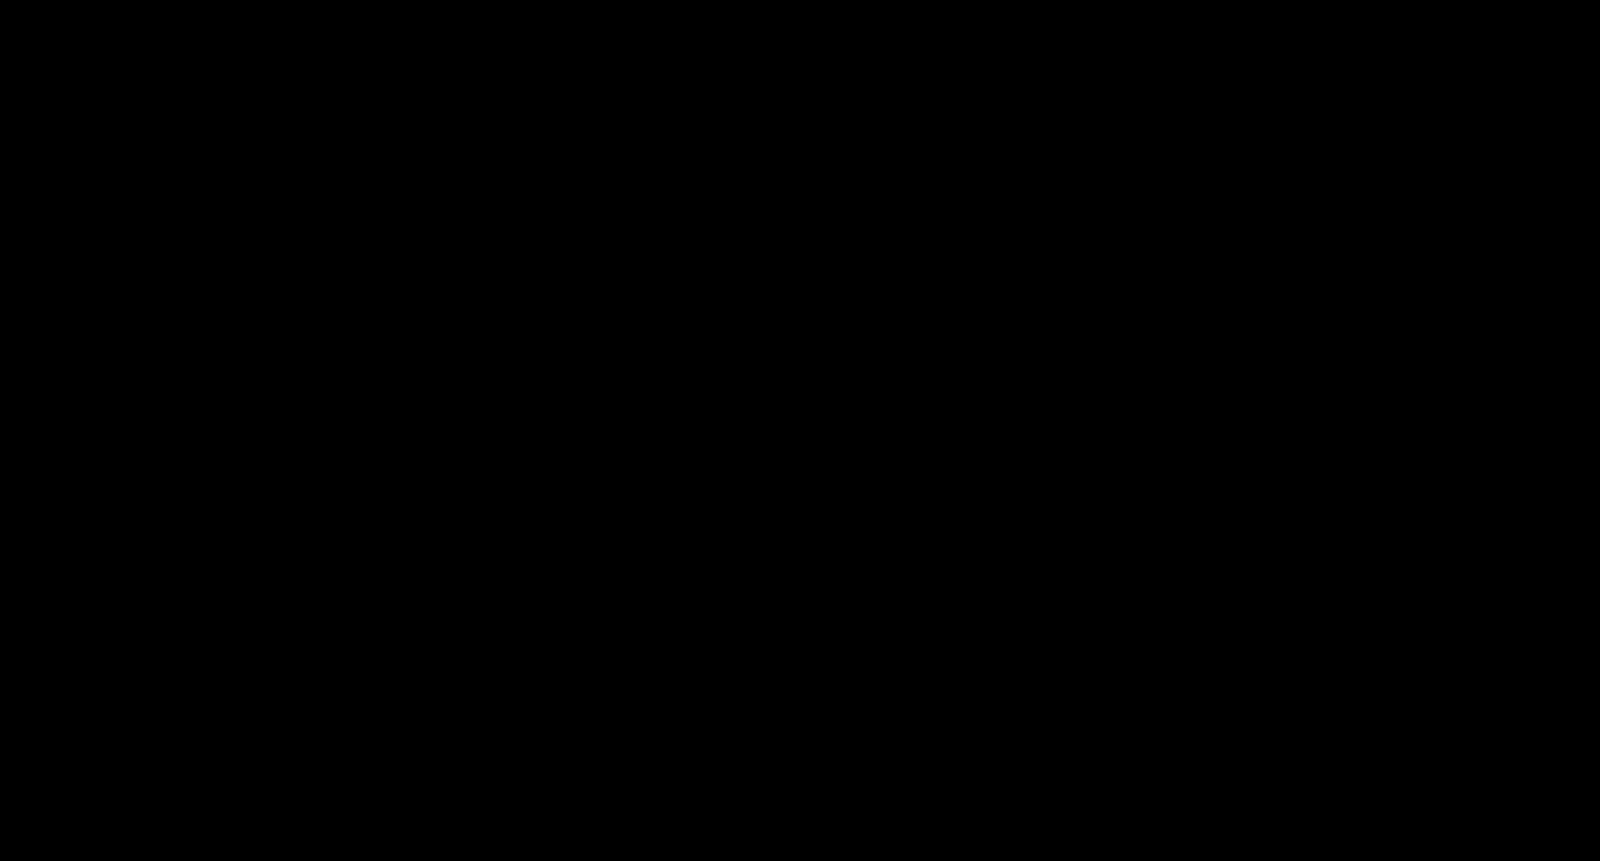 ray ban logo 10 - Ray-Ban Logo